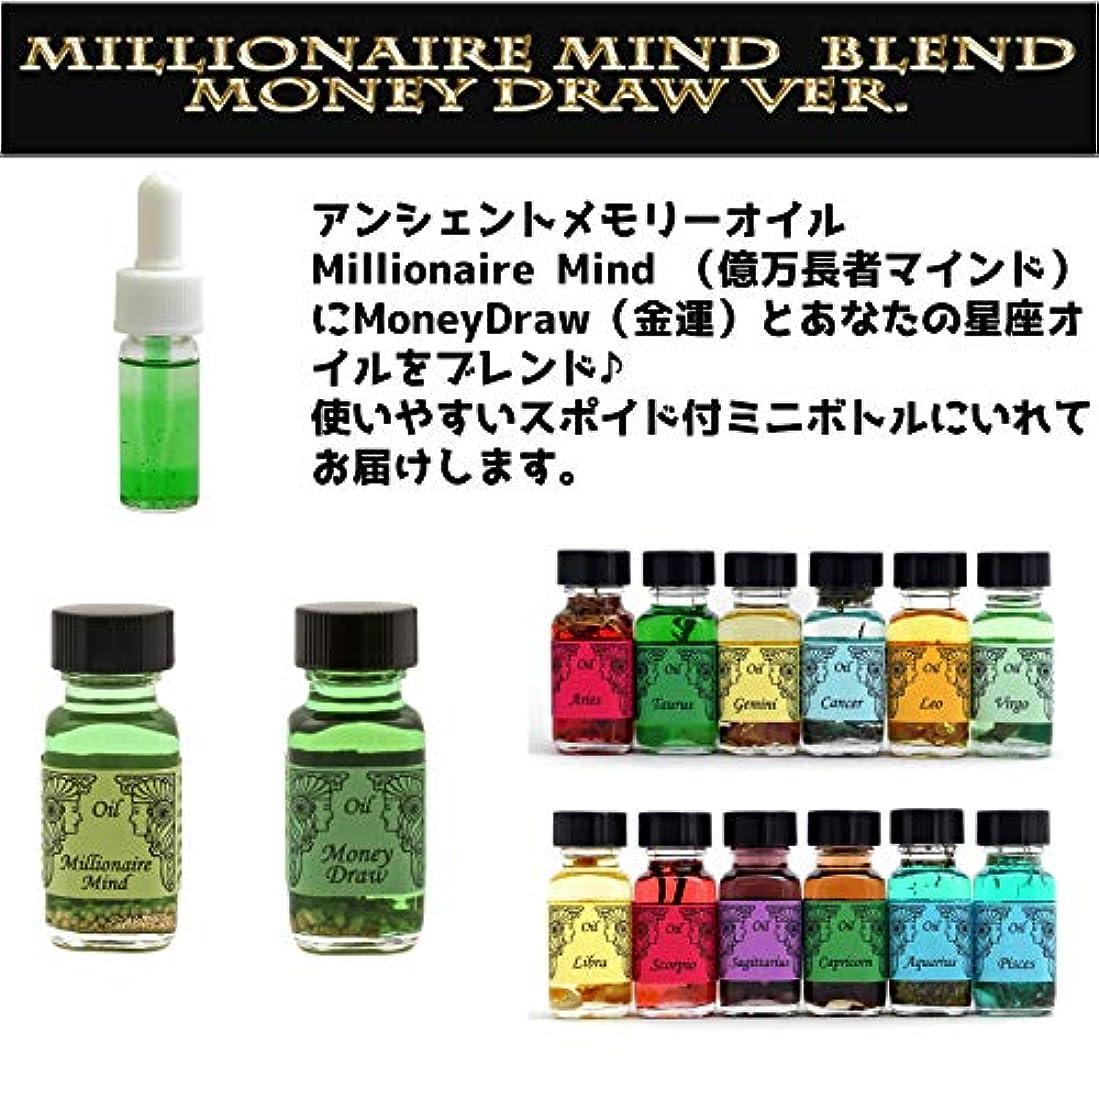 代わりの増加するスタジアムアンシェントメモリーオイル Millionaire Mind 億万長者マインド ブレンド(Money Drawマネードロー(金運)&おとめ座